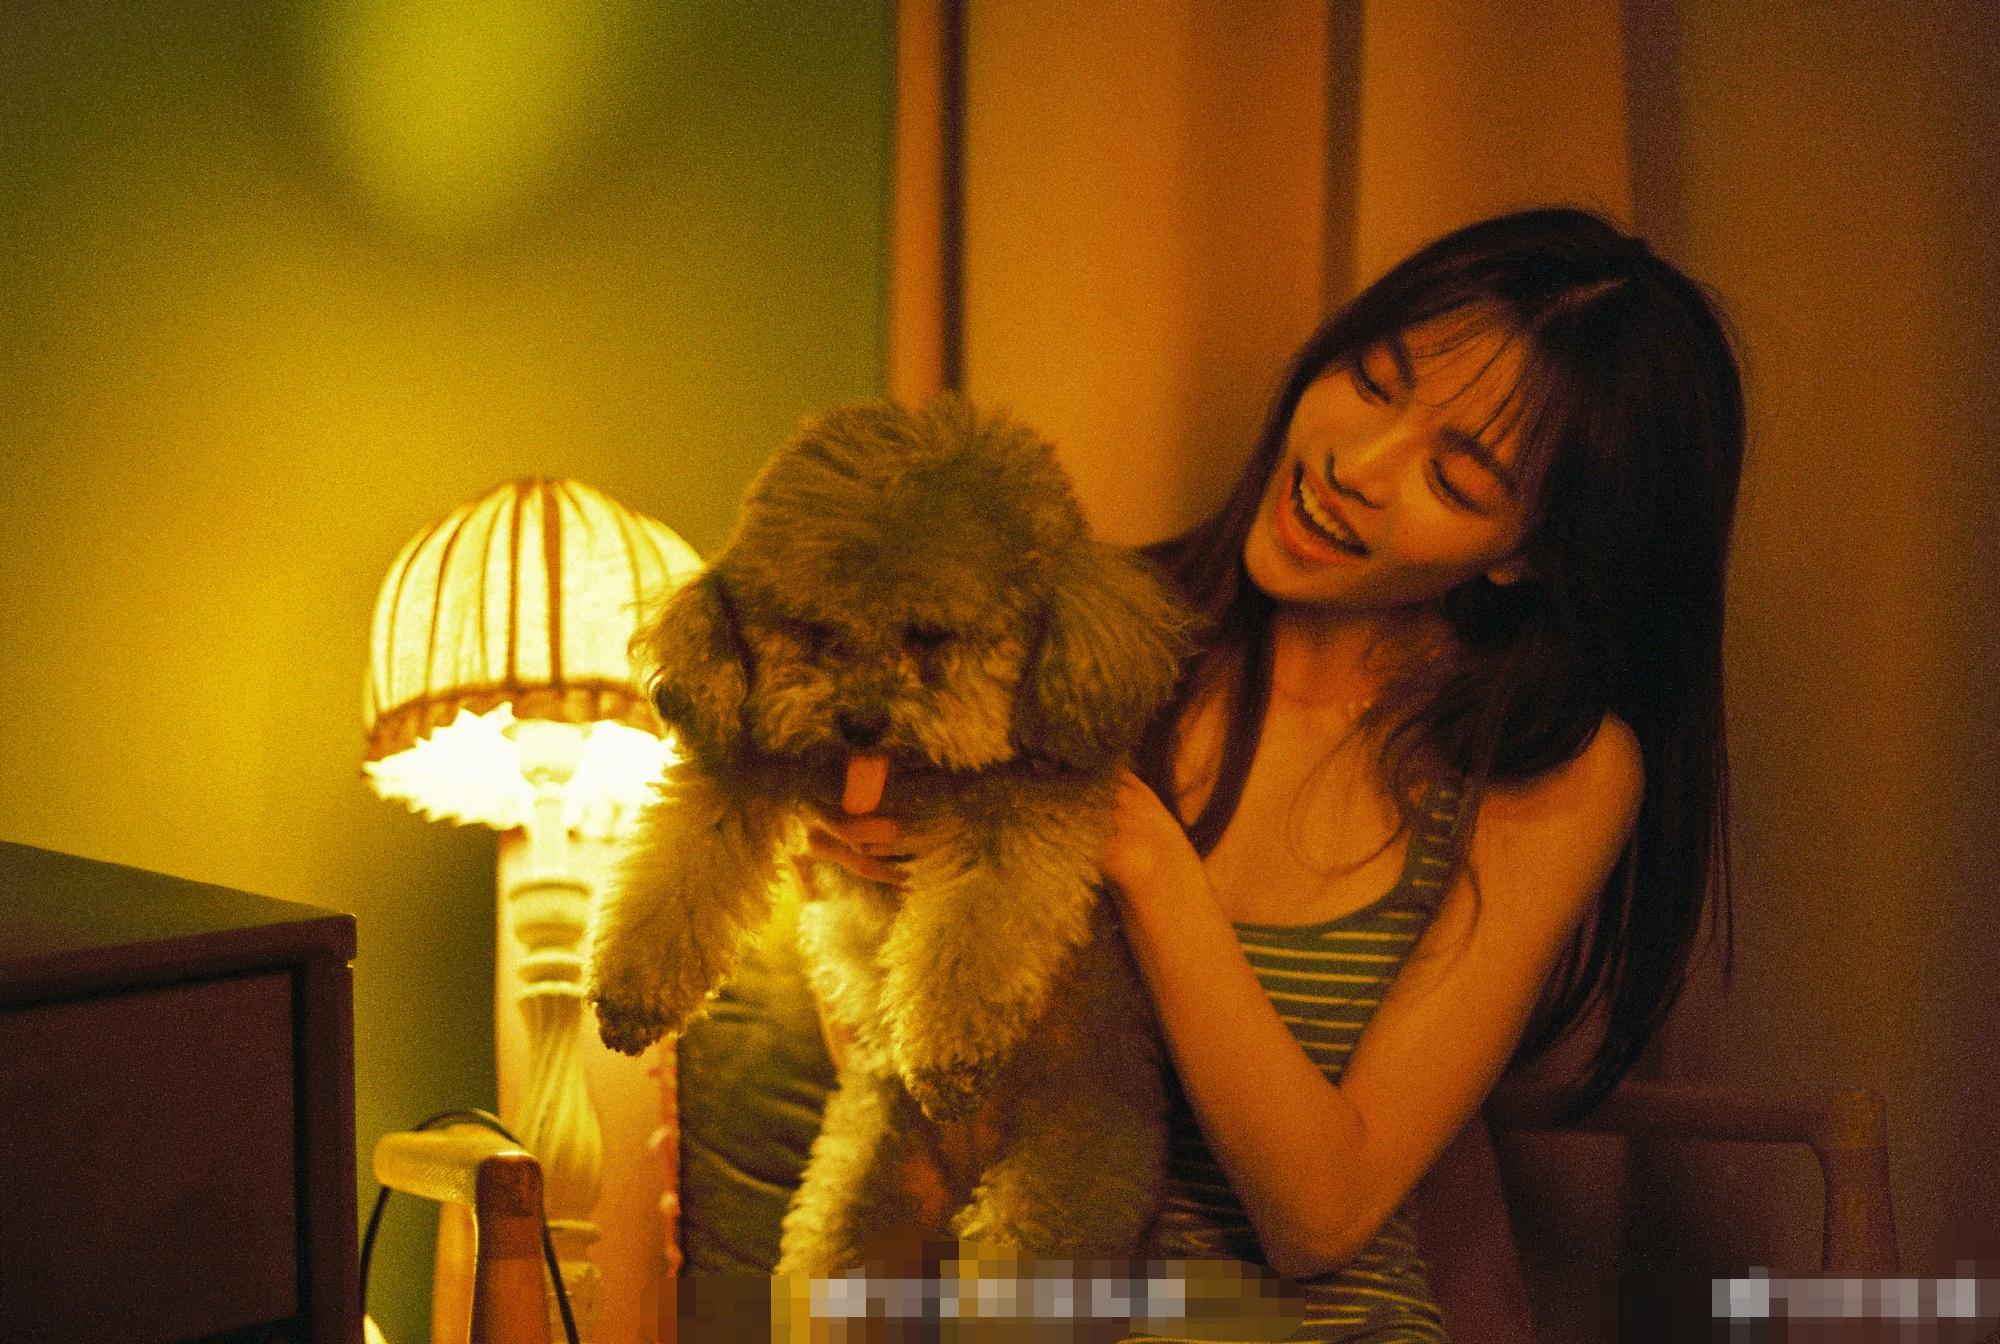 钟楚曦晒复古风美照,穿条纹吊带又甜又魅,与狗狗互动像邻家少女